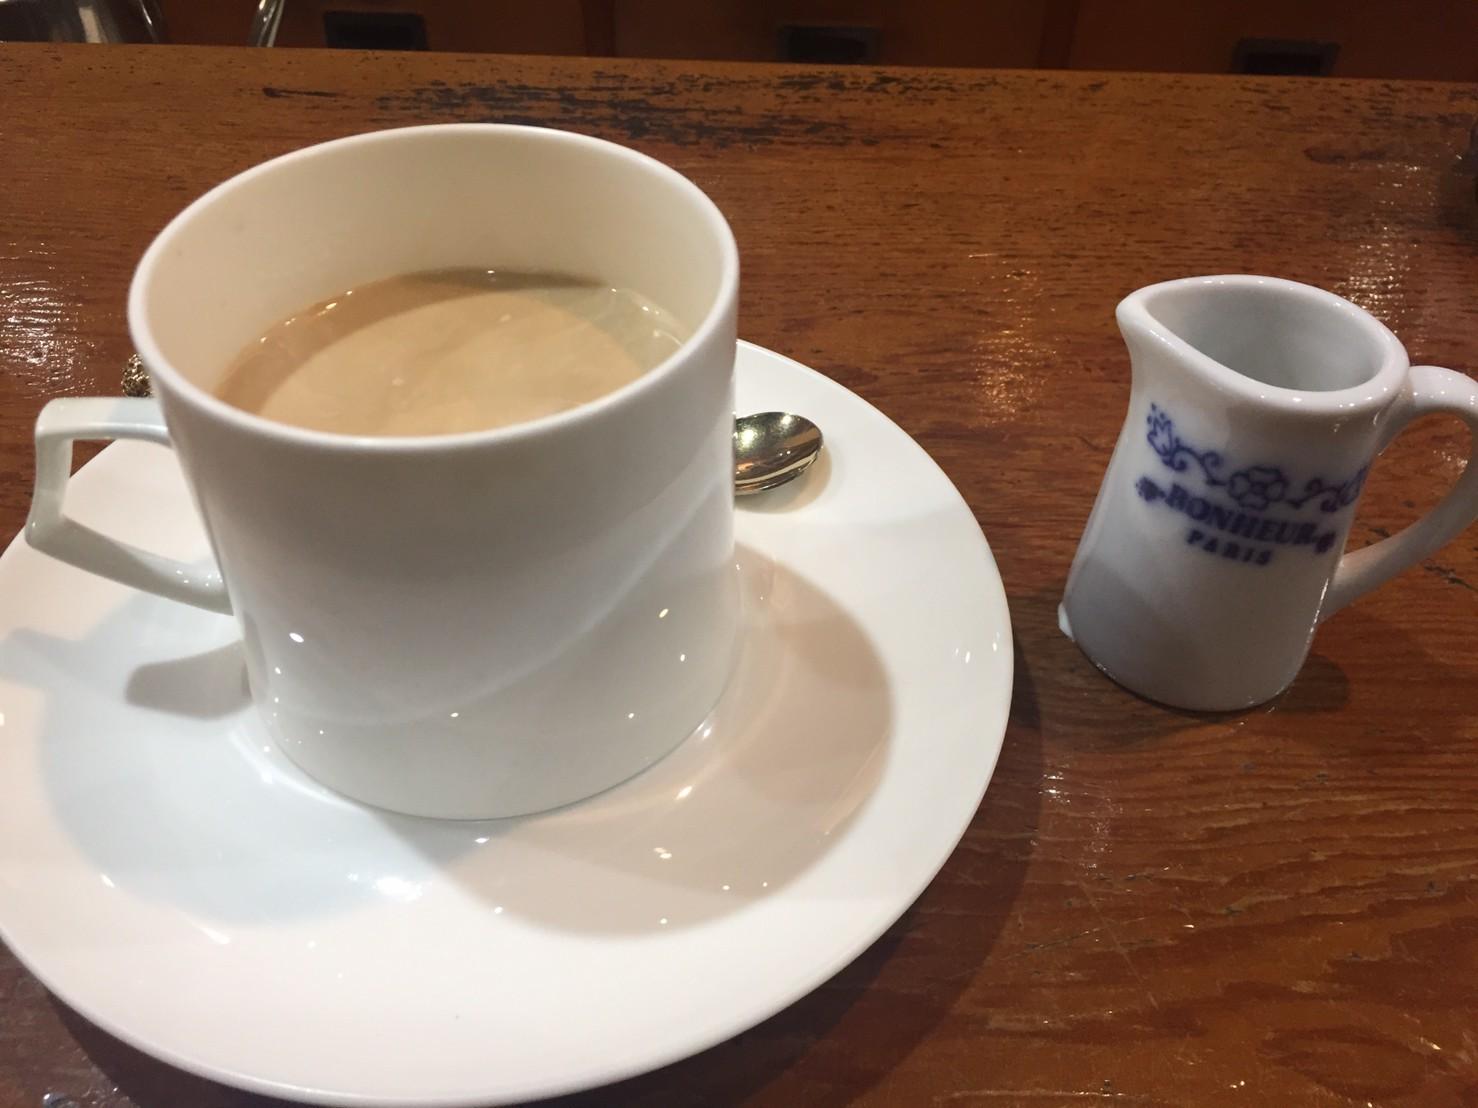 喫茶フォルダー 9_e0115904_18035437.jpg